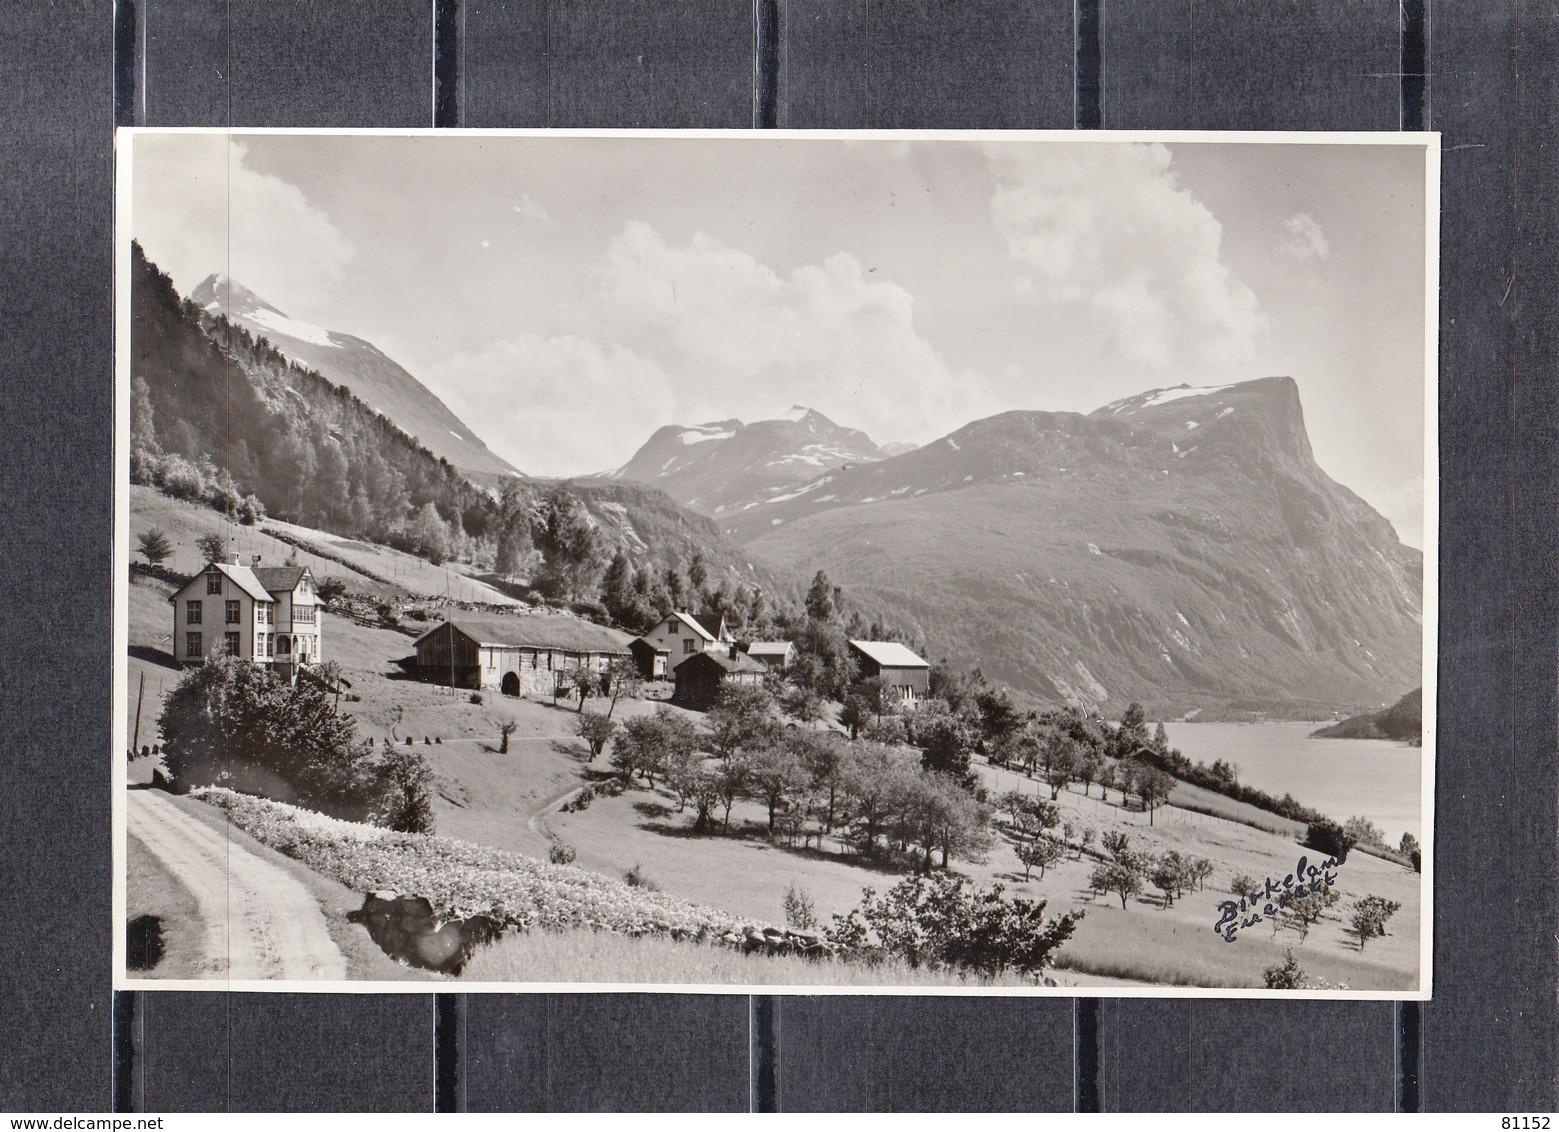 From The Road To EIKESDAL  Norvege  Lot De 2 Photos Glacees Originales De  Dim 17cm X 12 Cm - Lugares